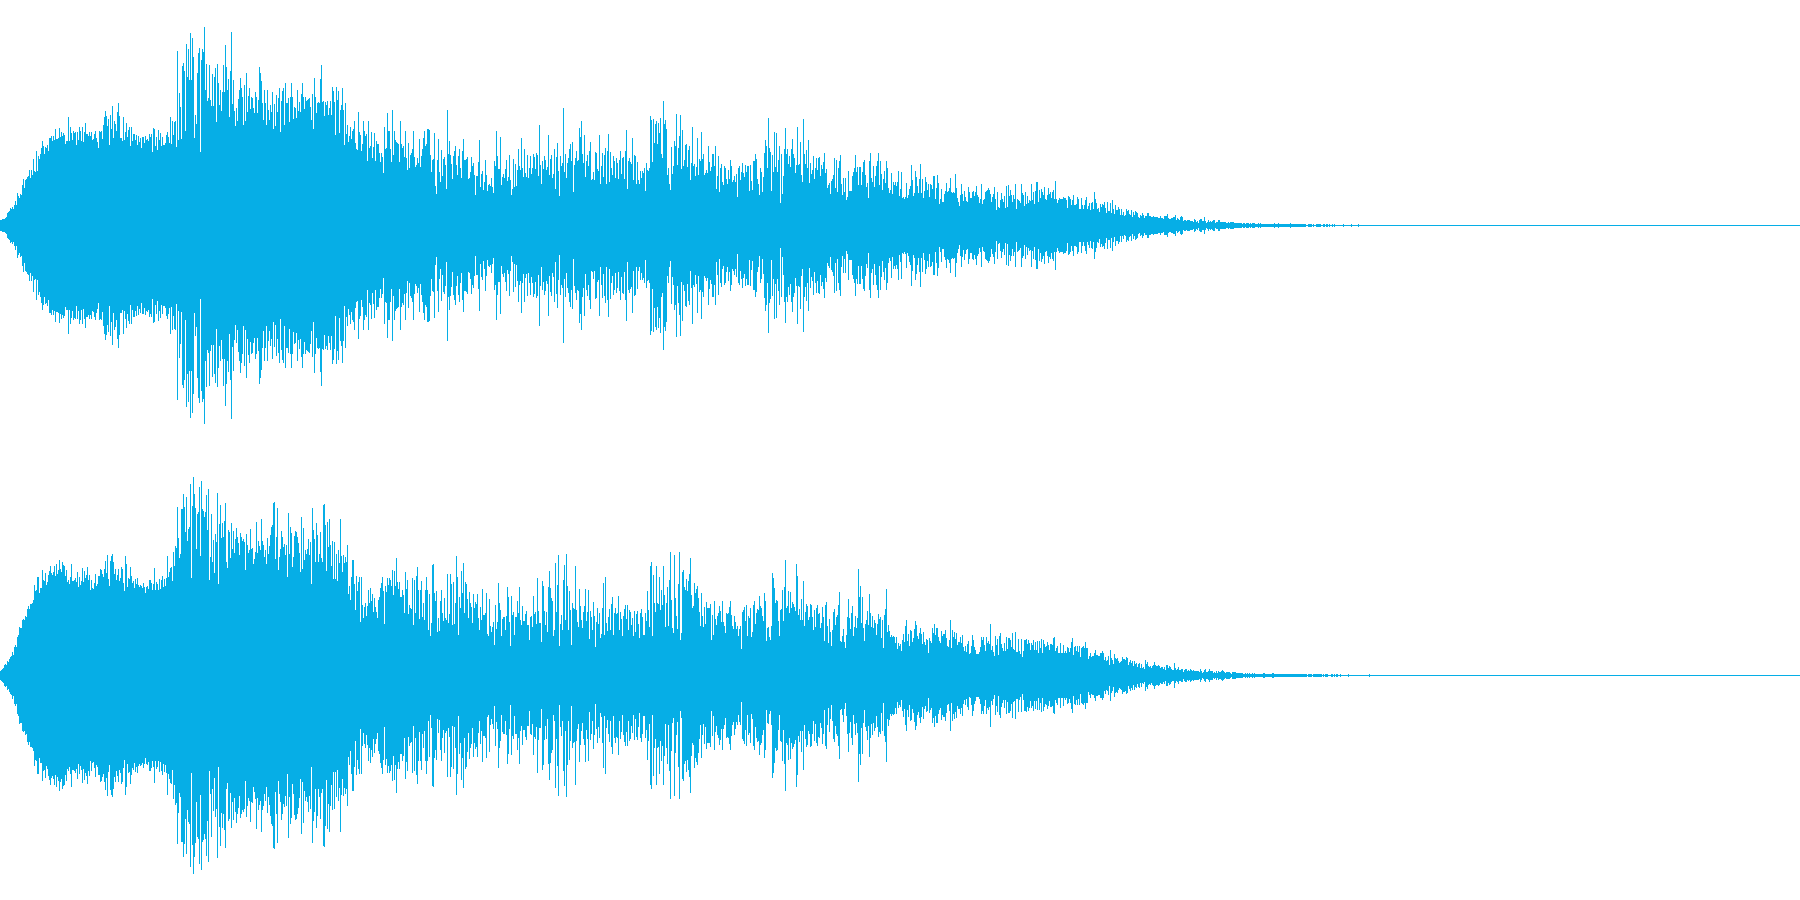 ハッピーニューイヤー ボイス&花火ロゴ1の再生済みの波形